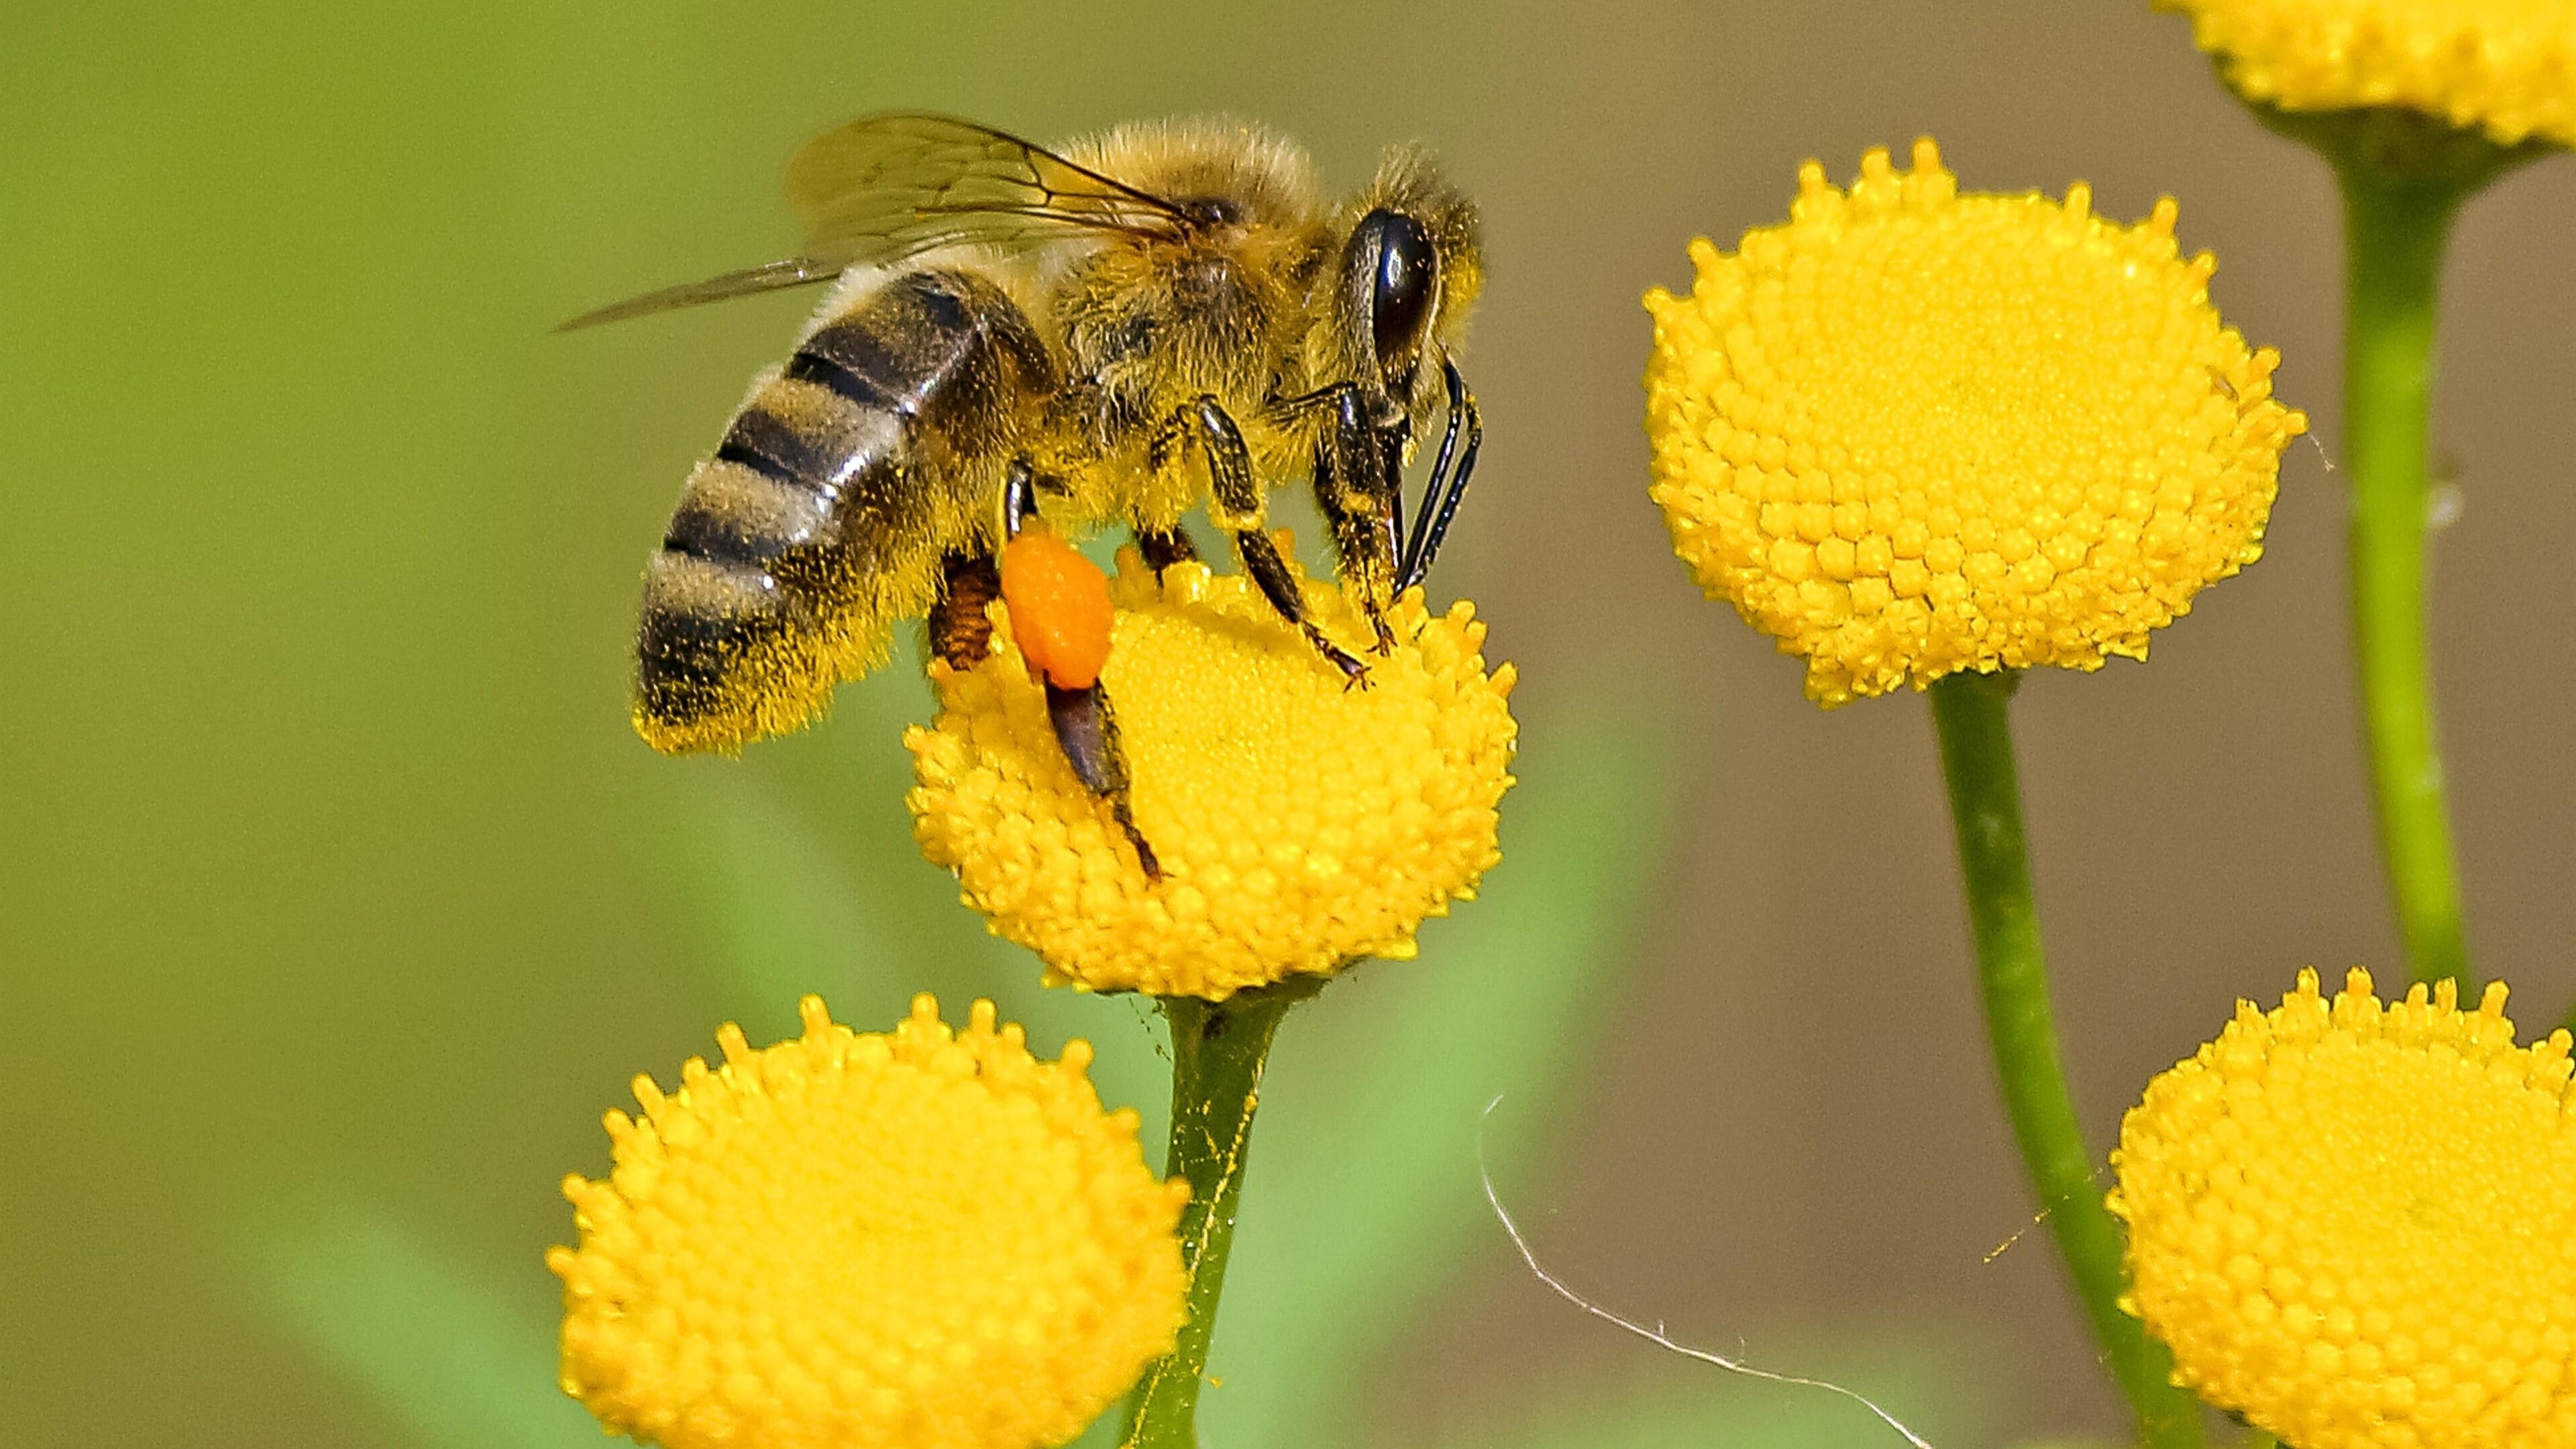 Bee 4K Wallpaper